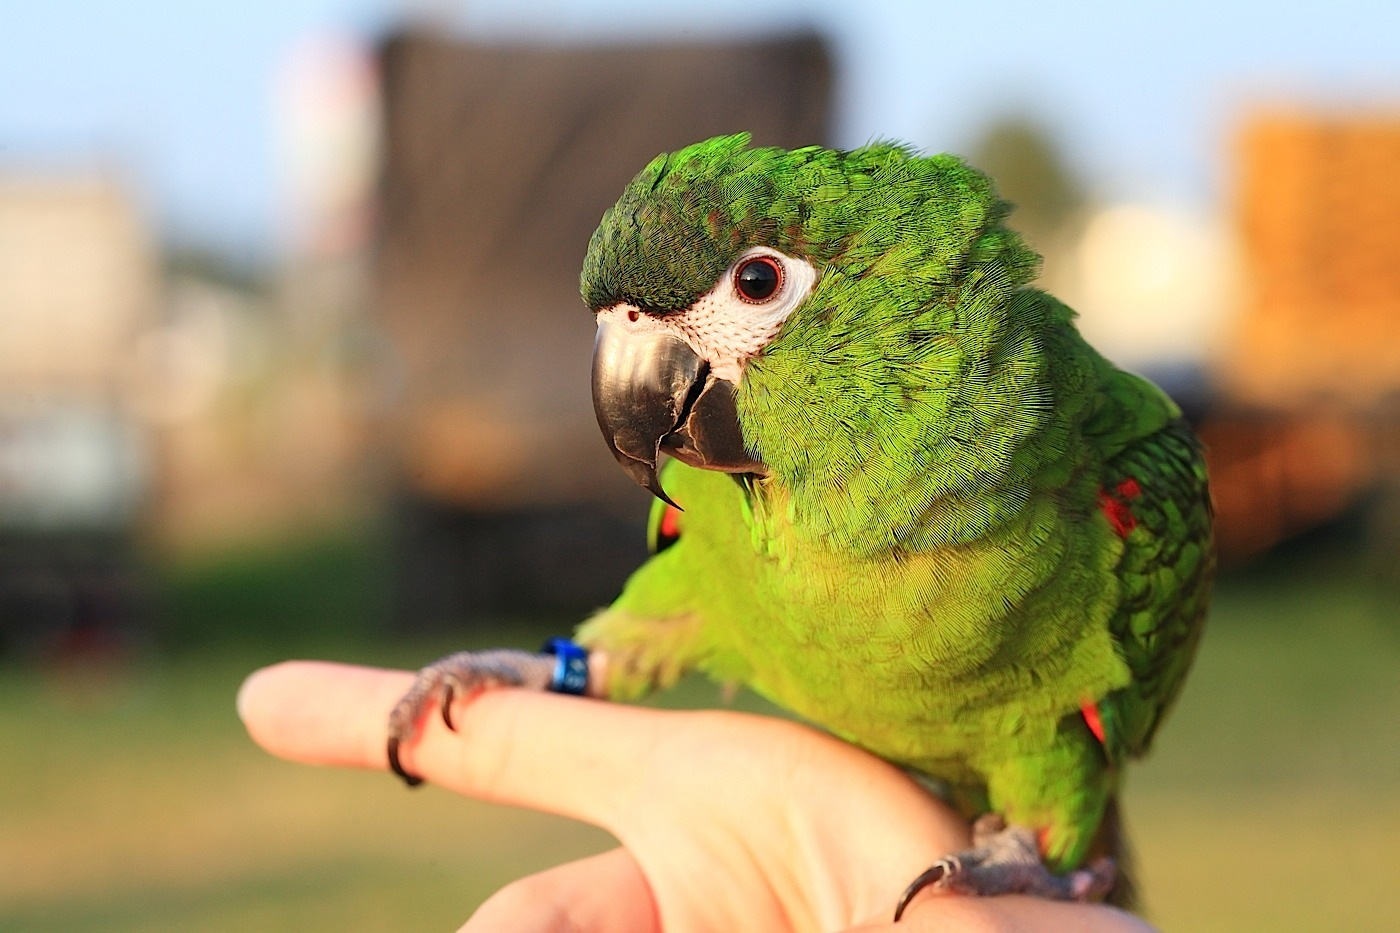 попугай на руке, близнецы